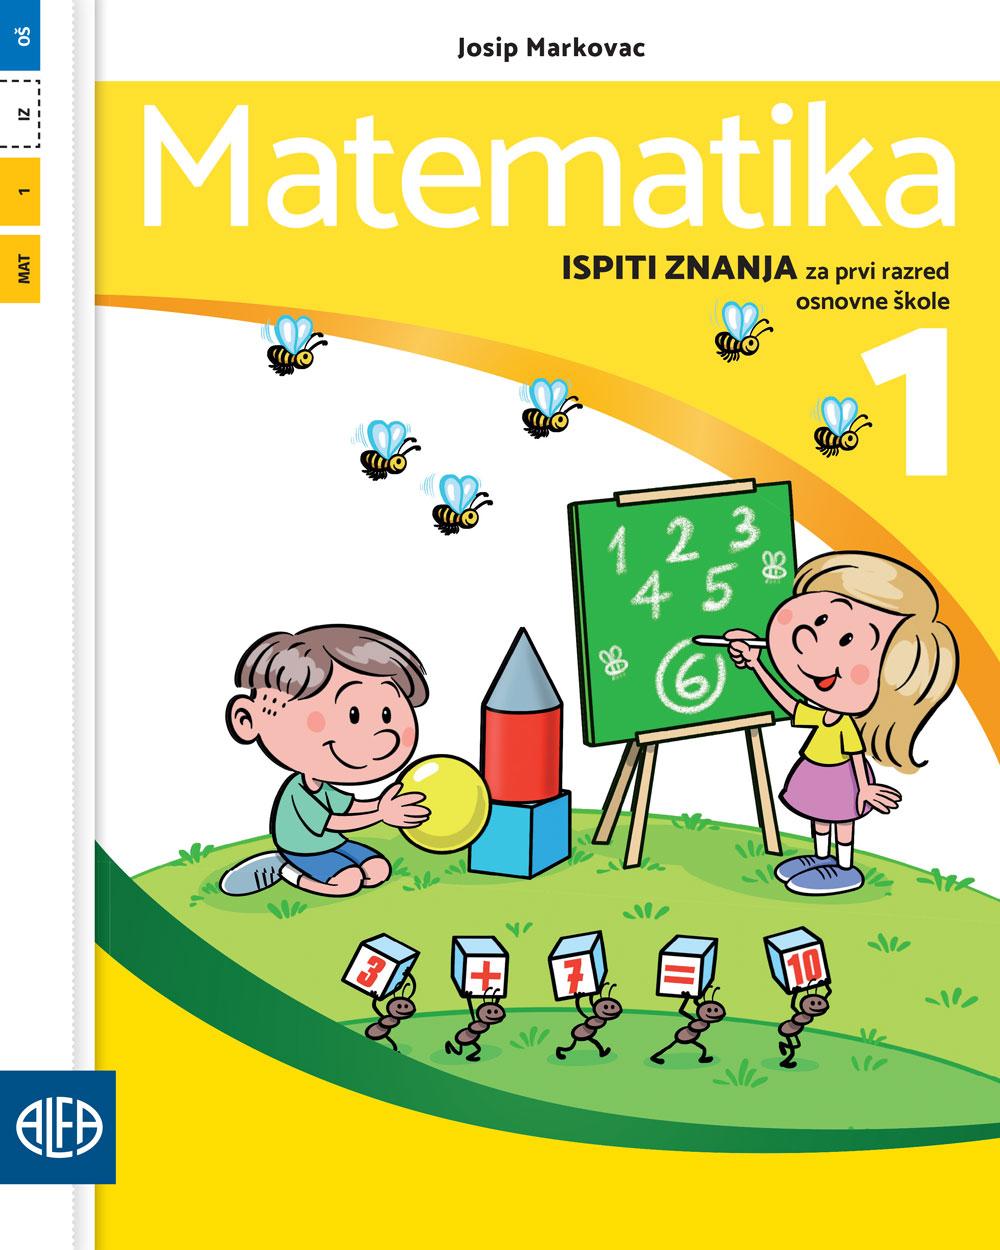 Ispiti znanja iz matematike za prvi razred osnovne škole